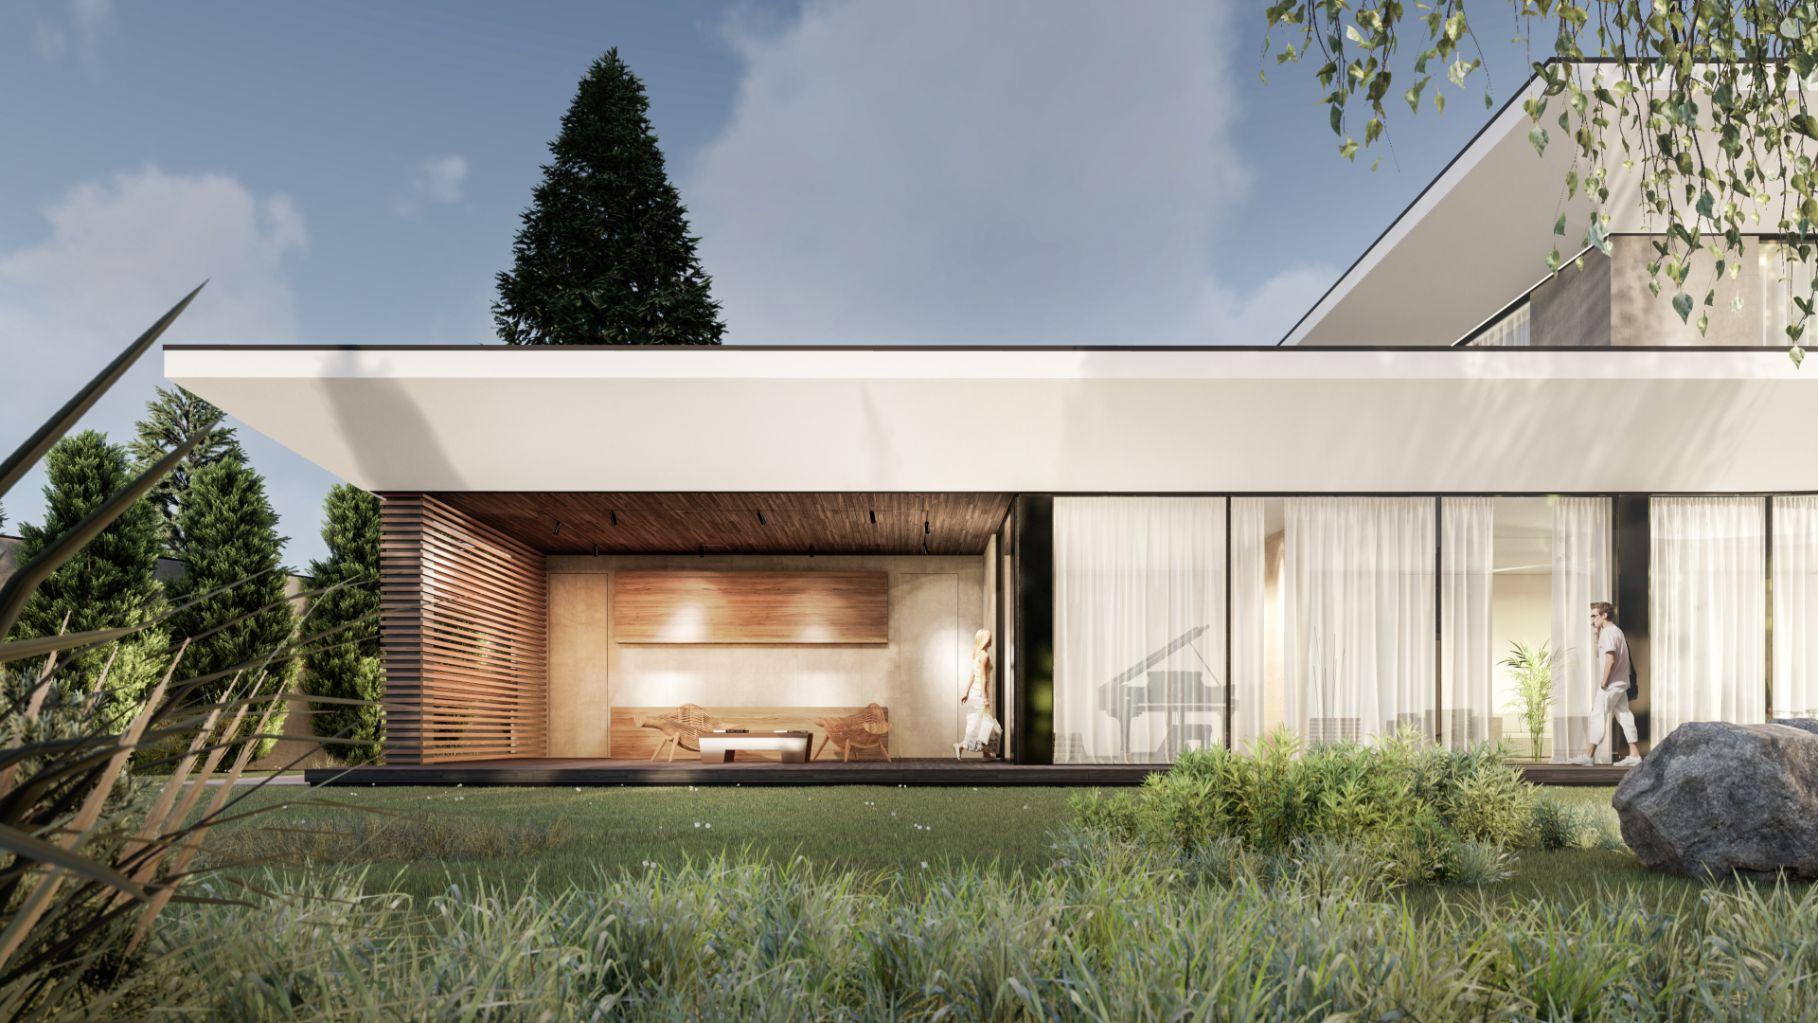 Casă de clasa premium cu living room conectat direct cu grădina